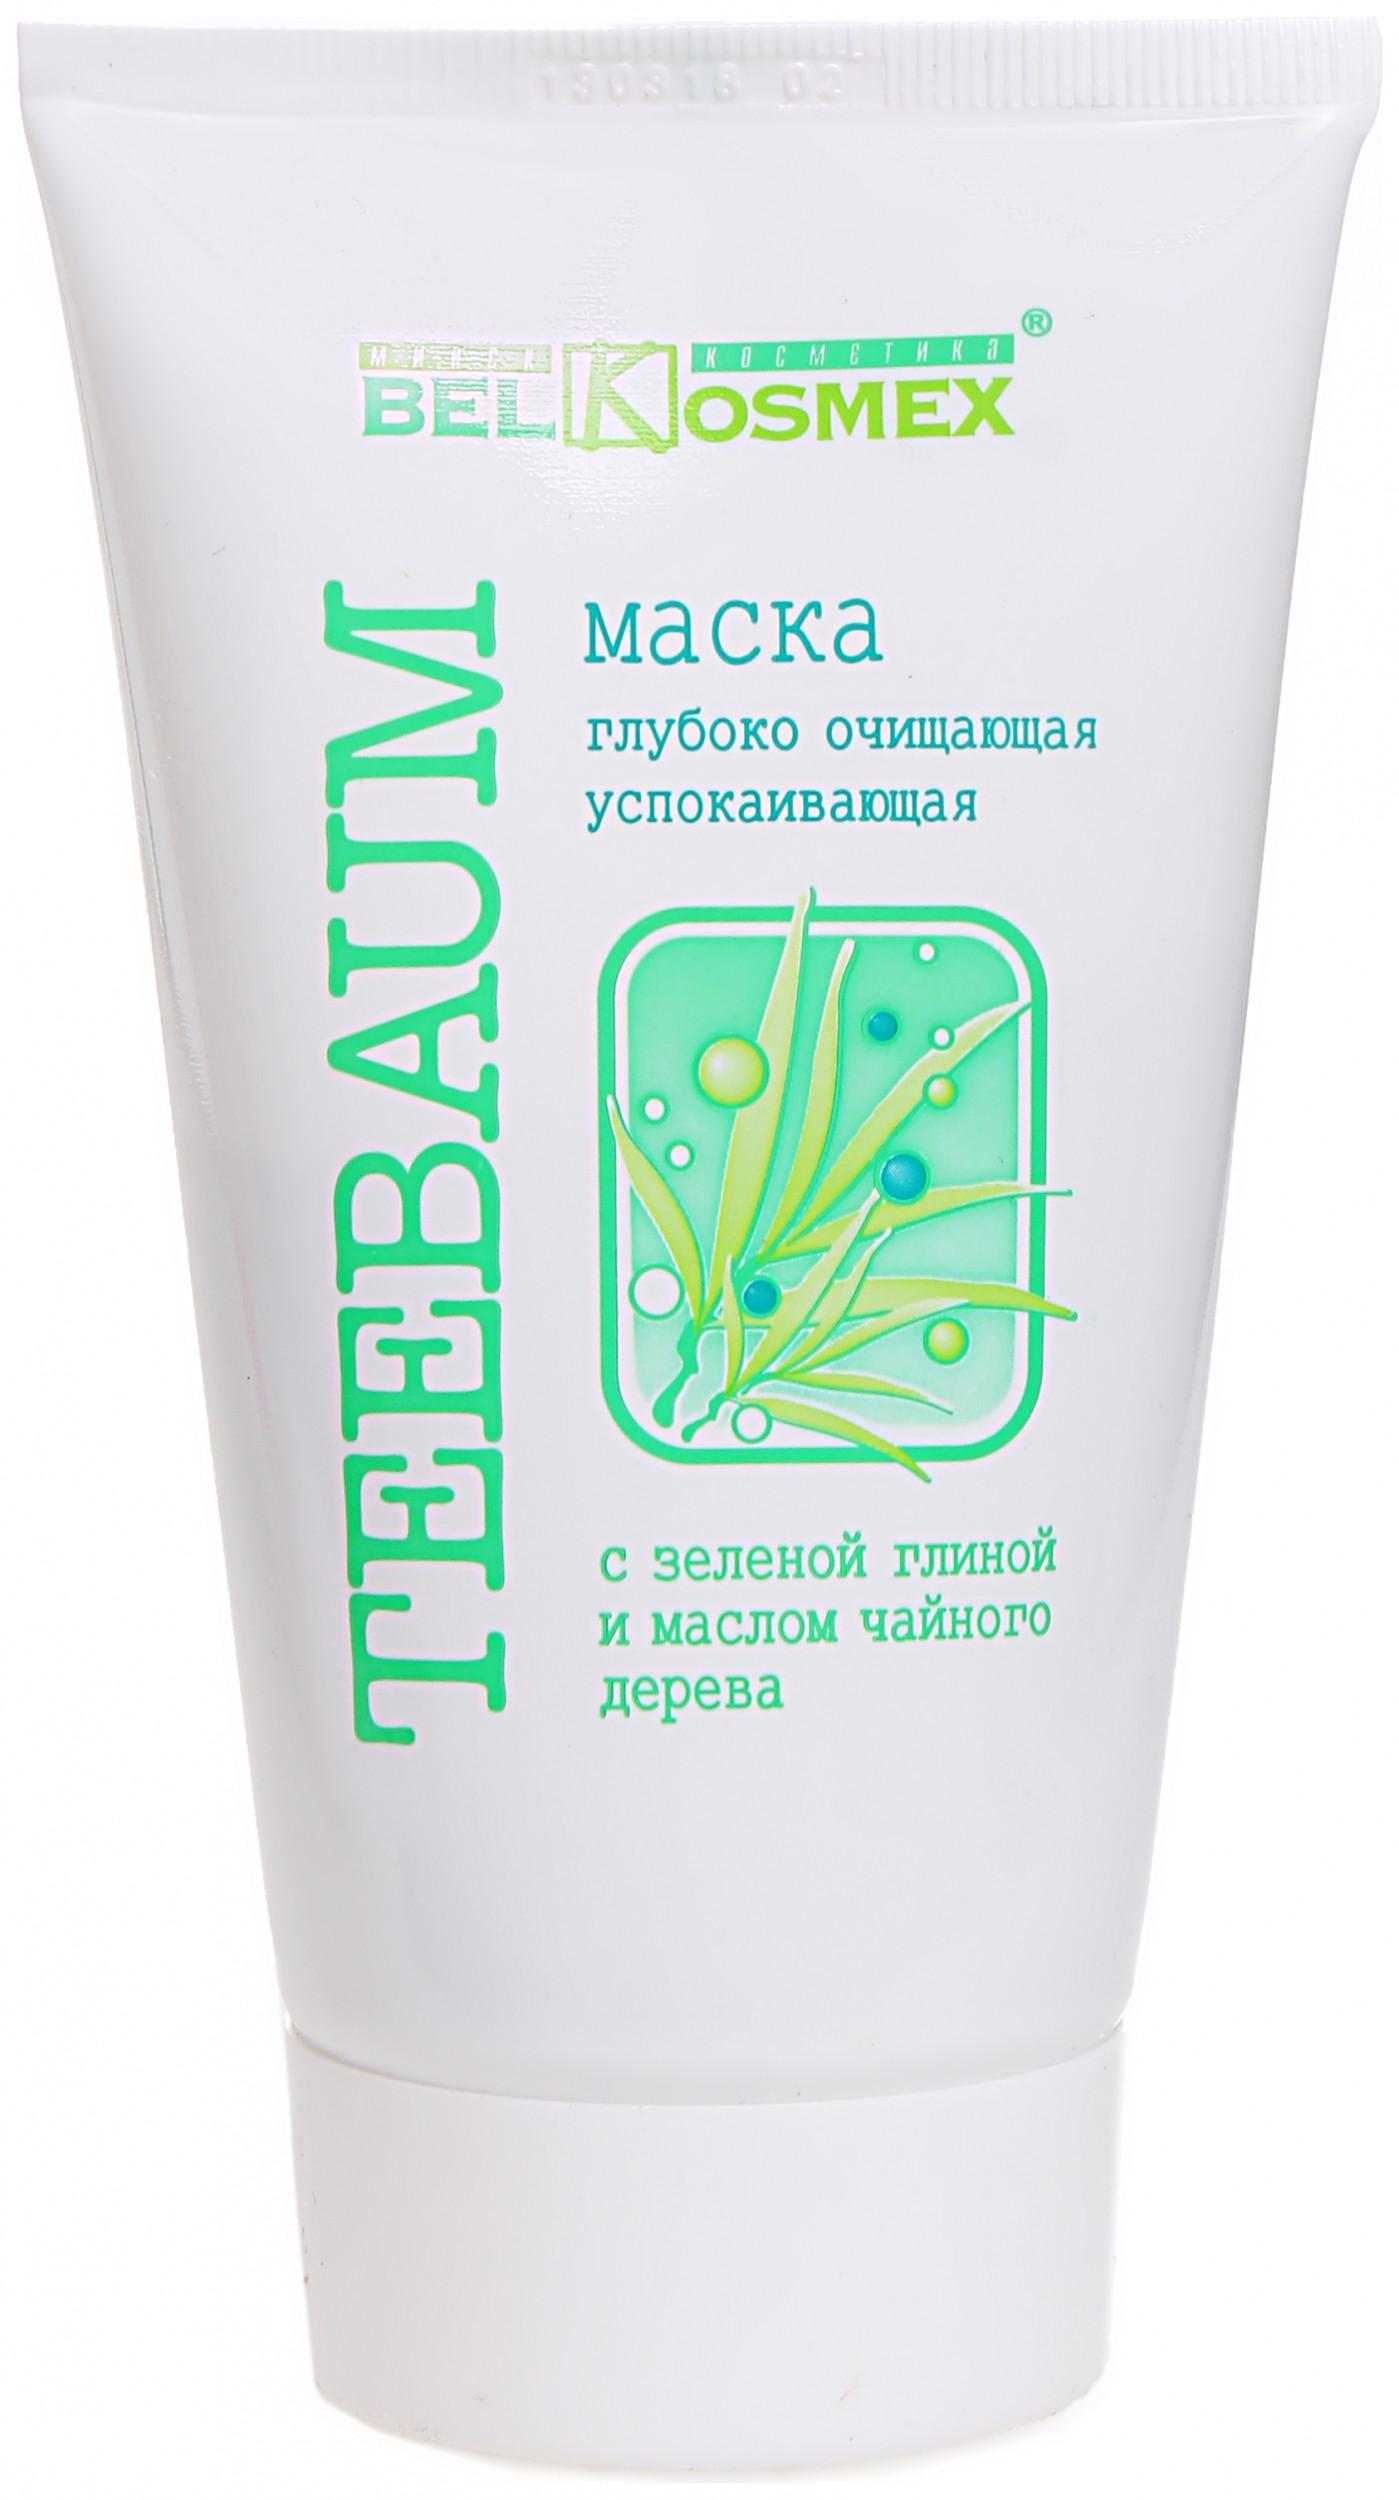 Маска для лица глубоко очищающая успокаивающая Belkosmex Teebaum